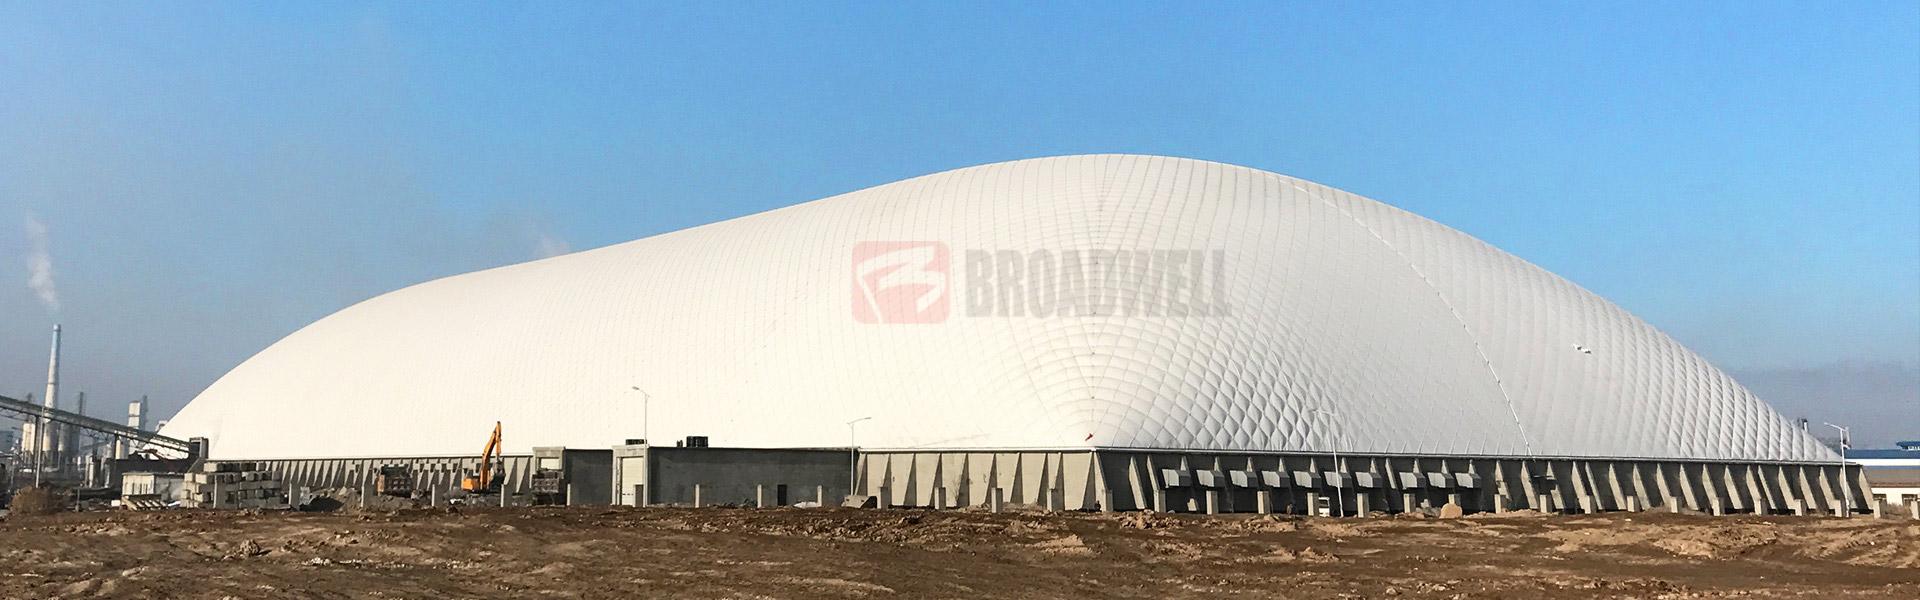 世界最大跨度水泥工业原料气膜棚——天山股份气膜水泥原料棚